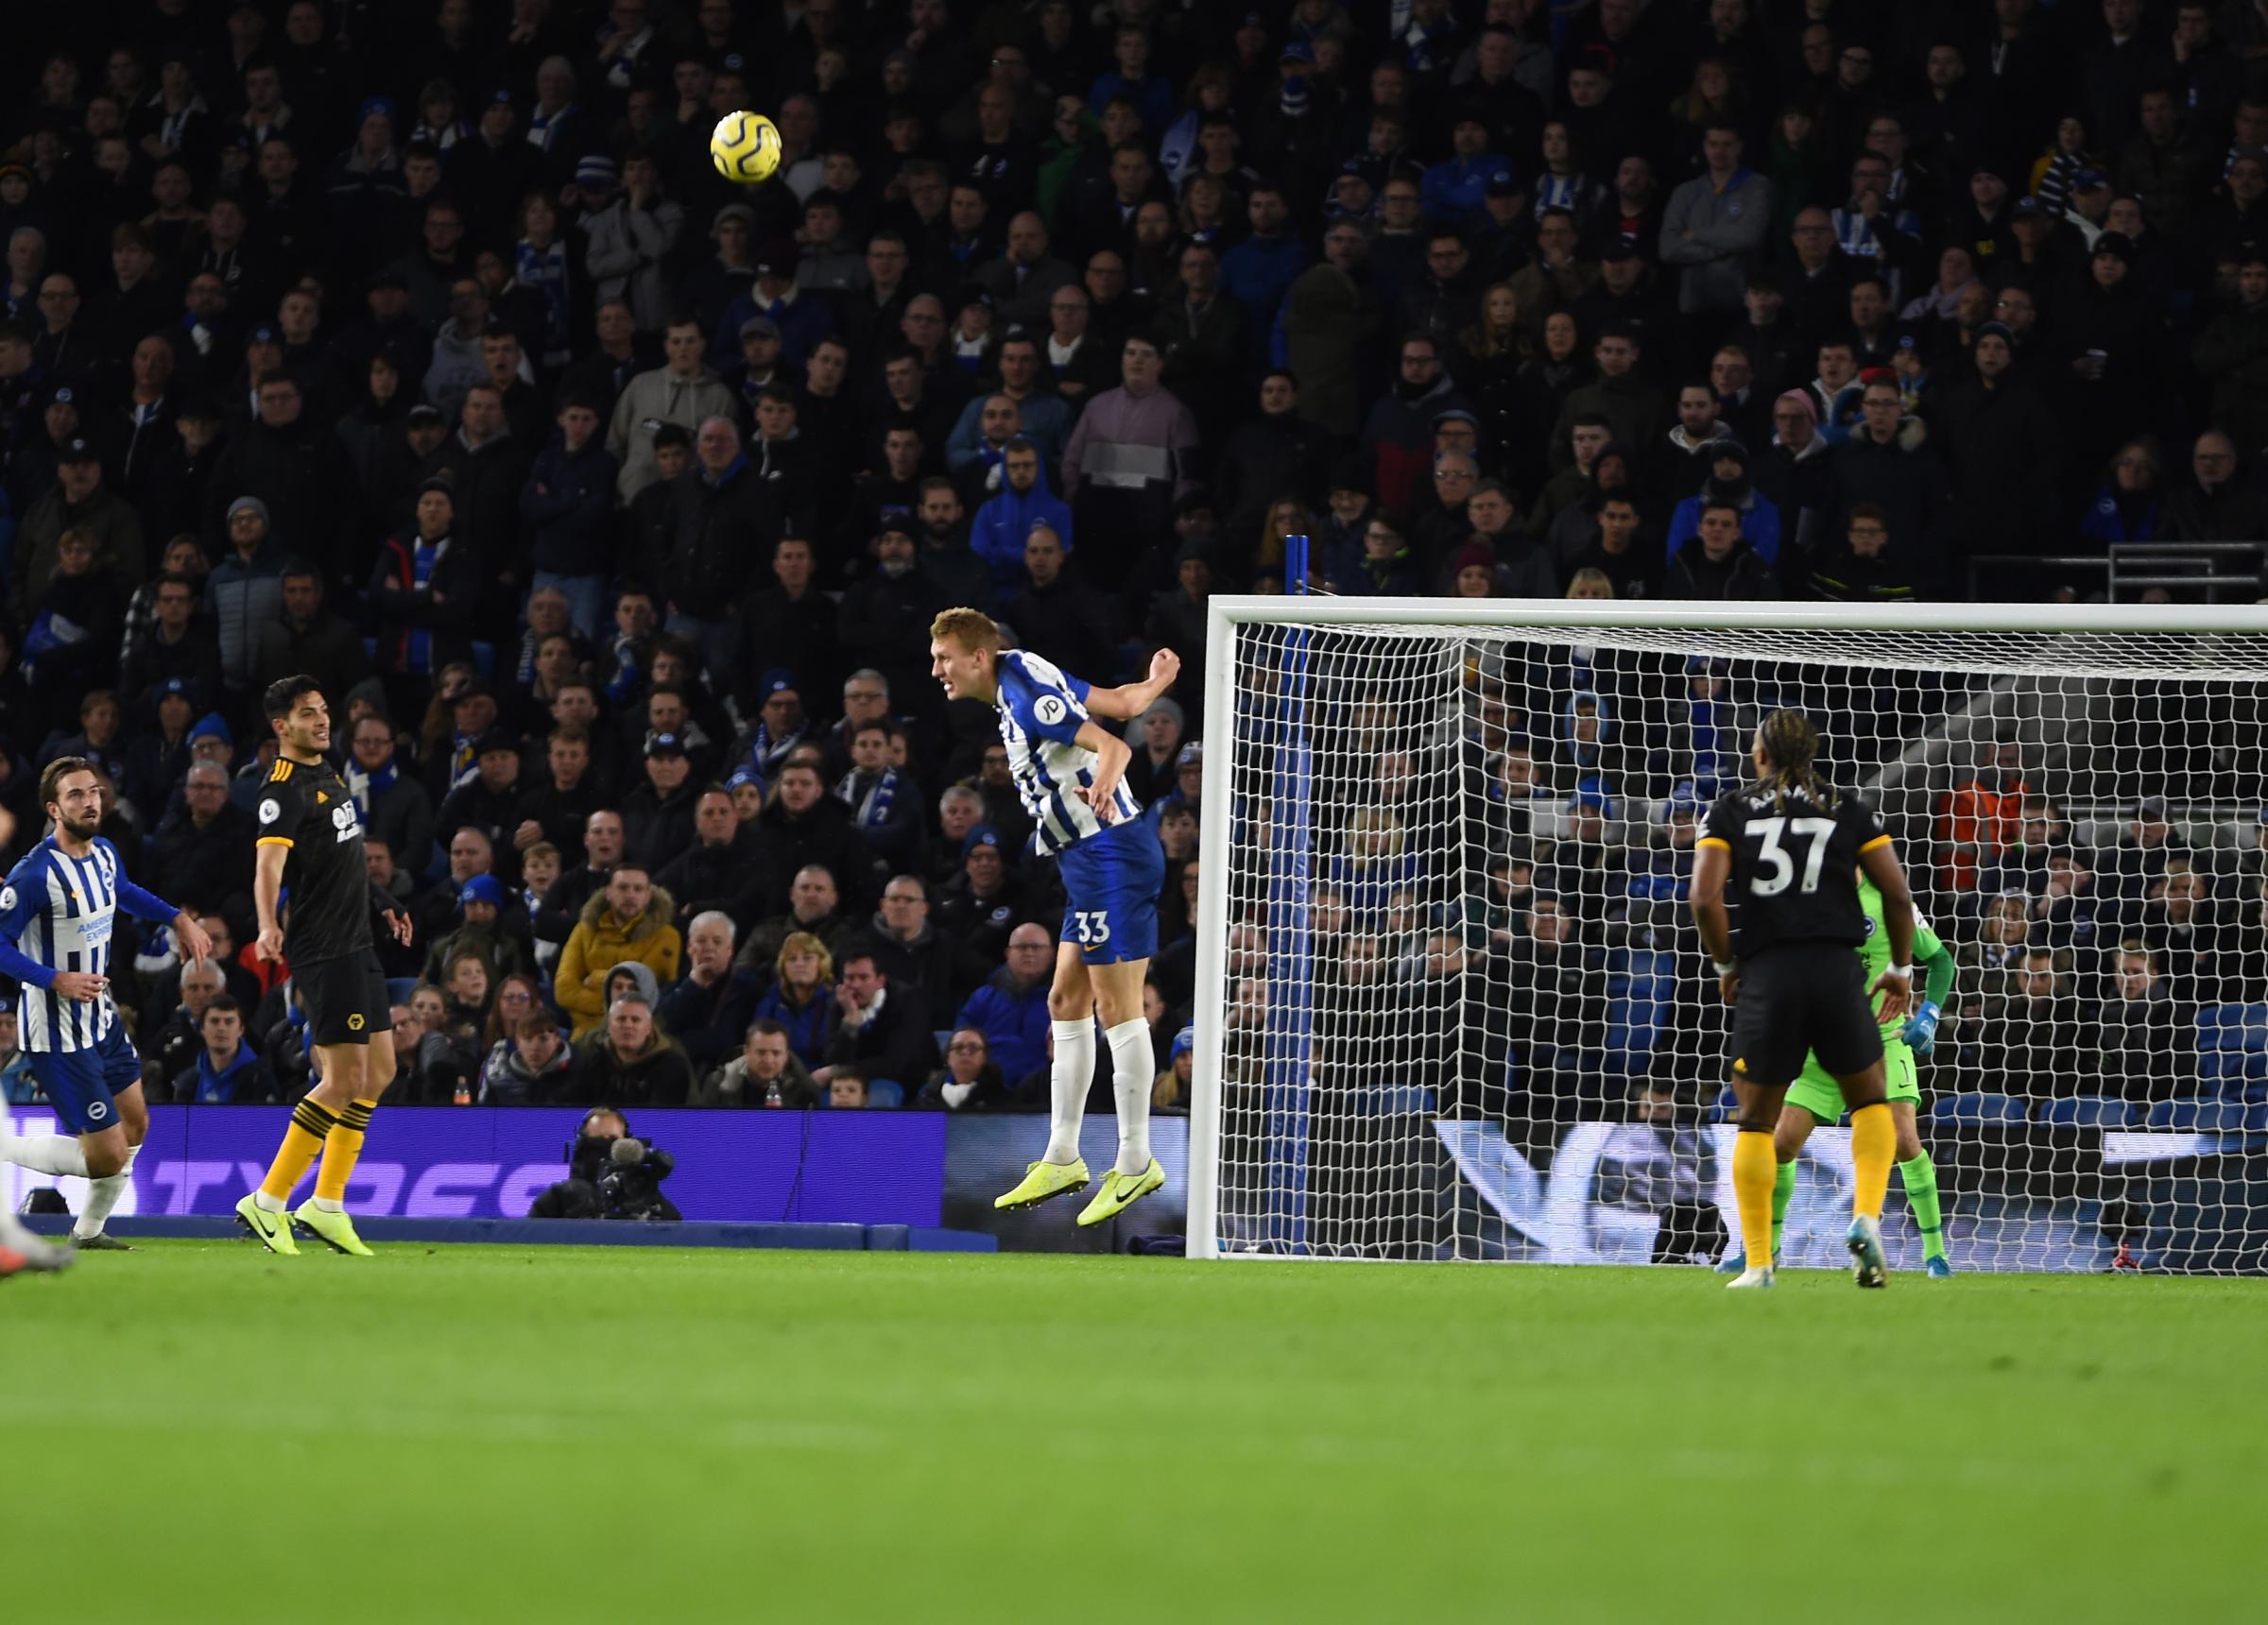 Albion defender Dan Burn beat sickness bug to face Wolves